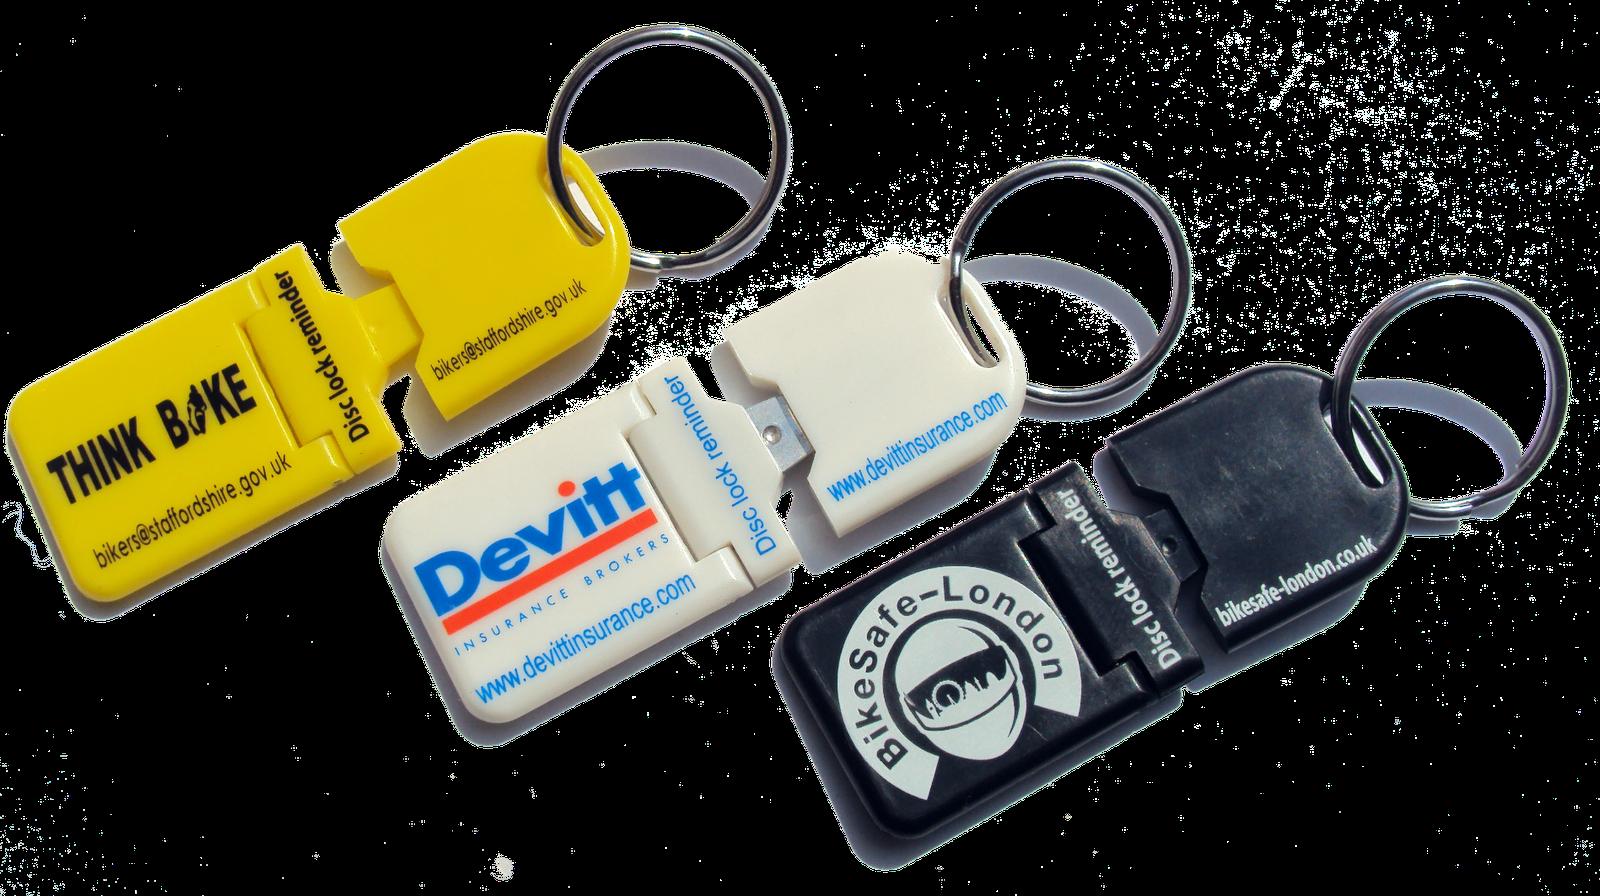 Metal Tip Disc lock reminder by Lock Mate Key